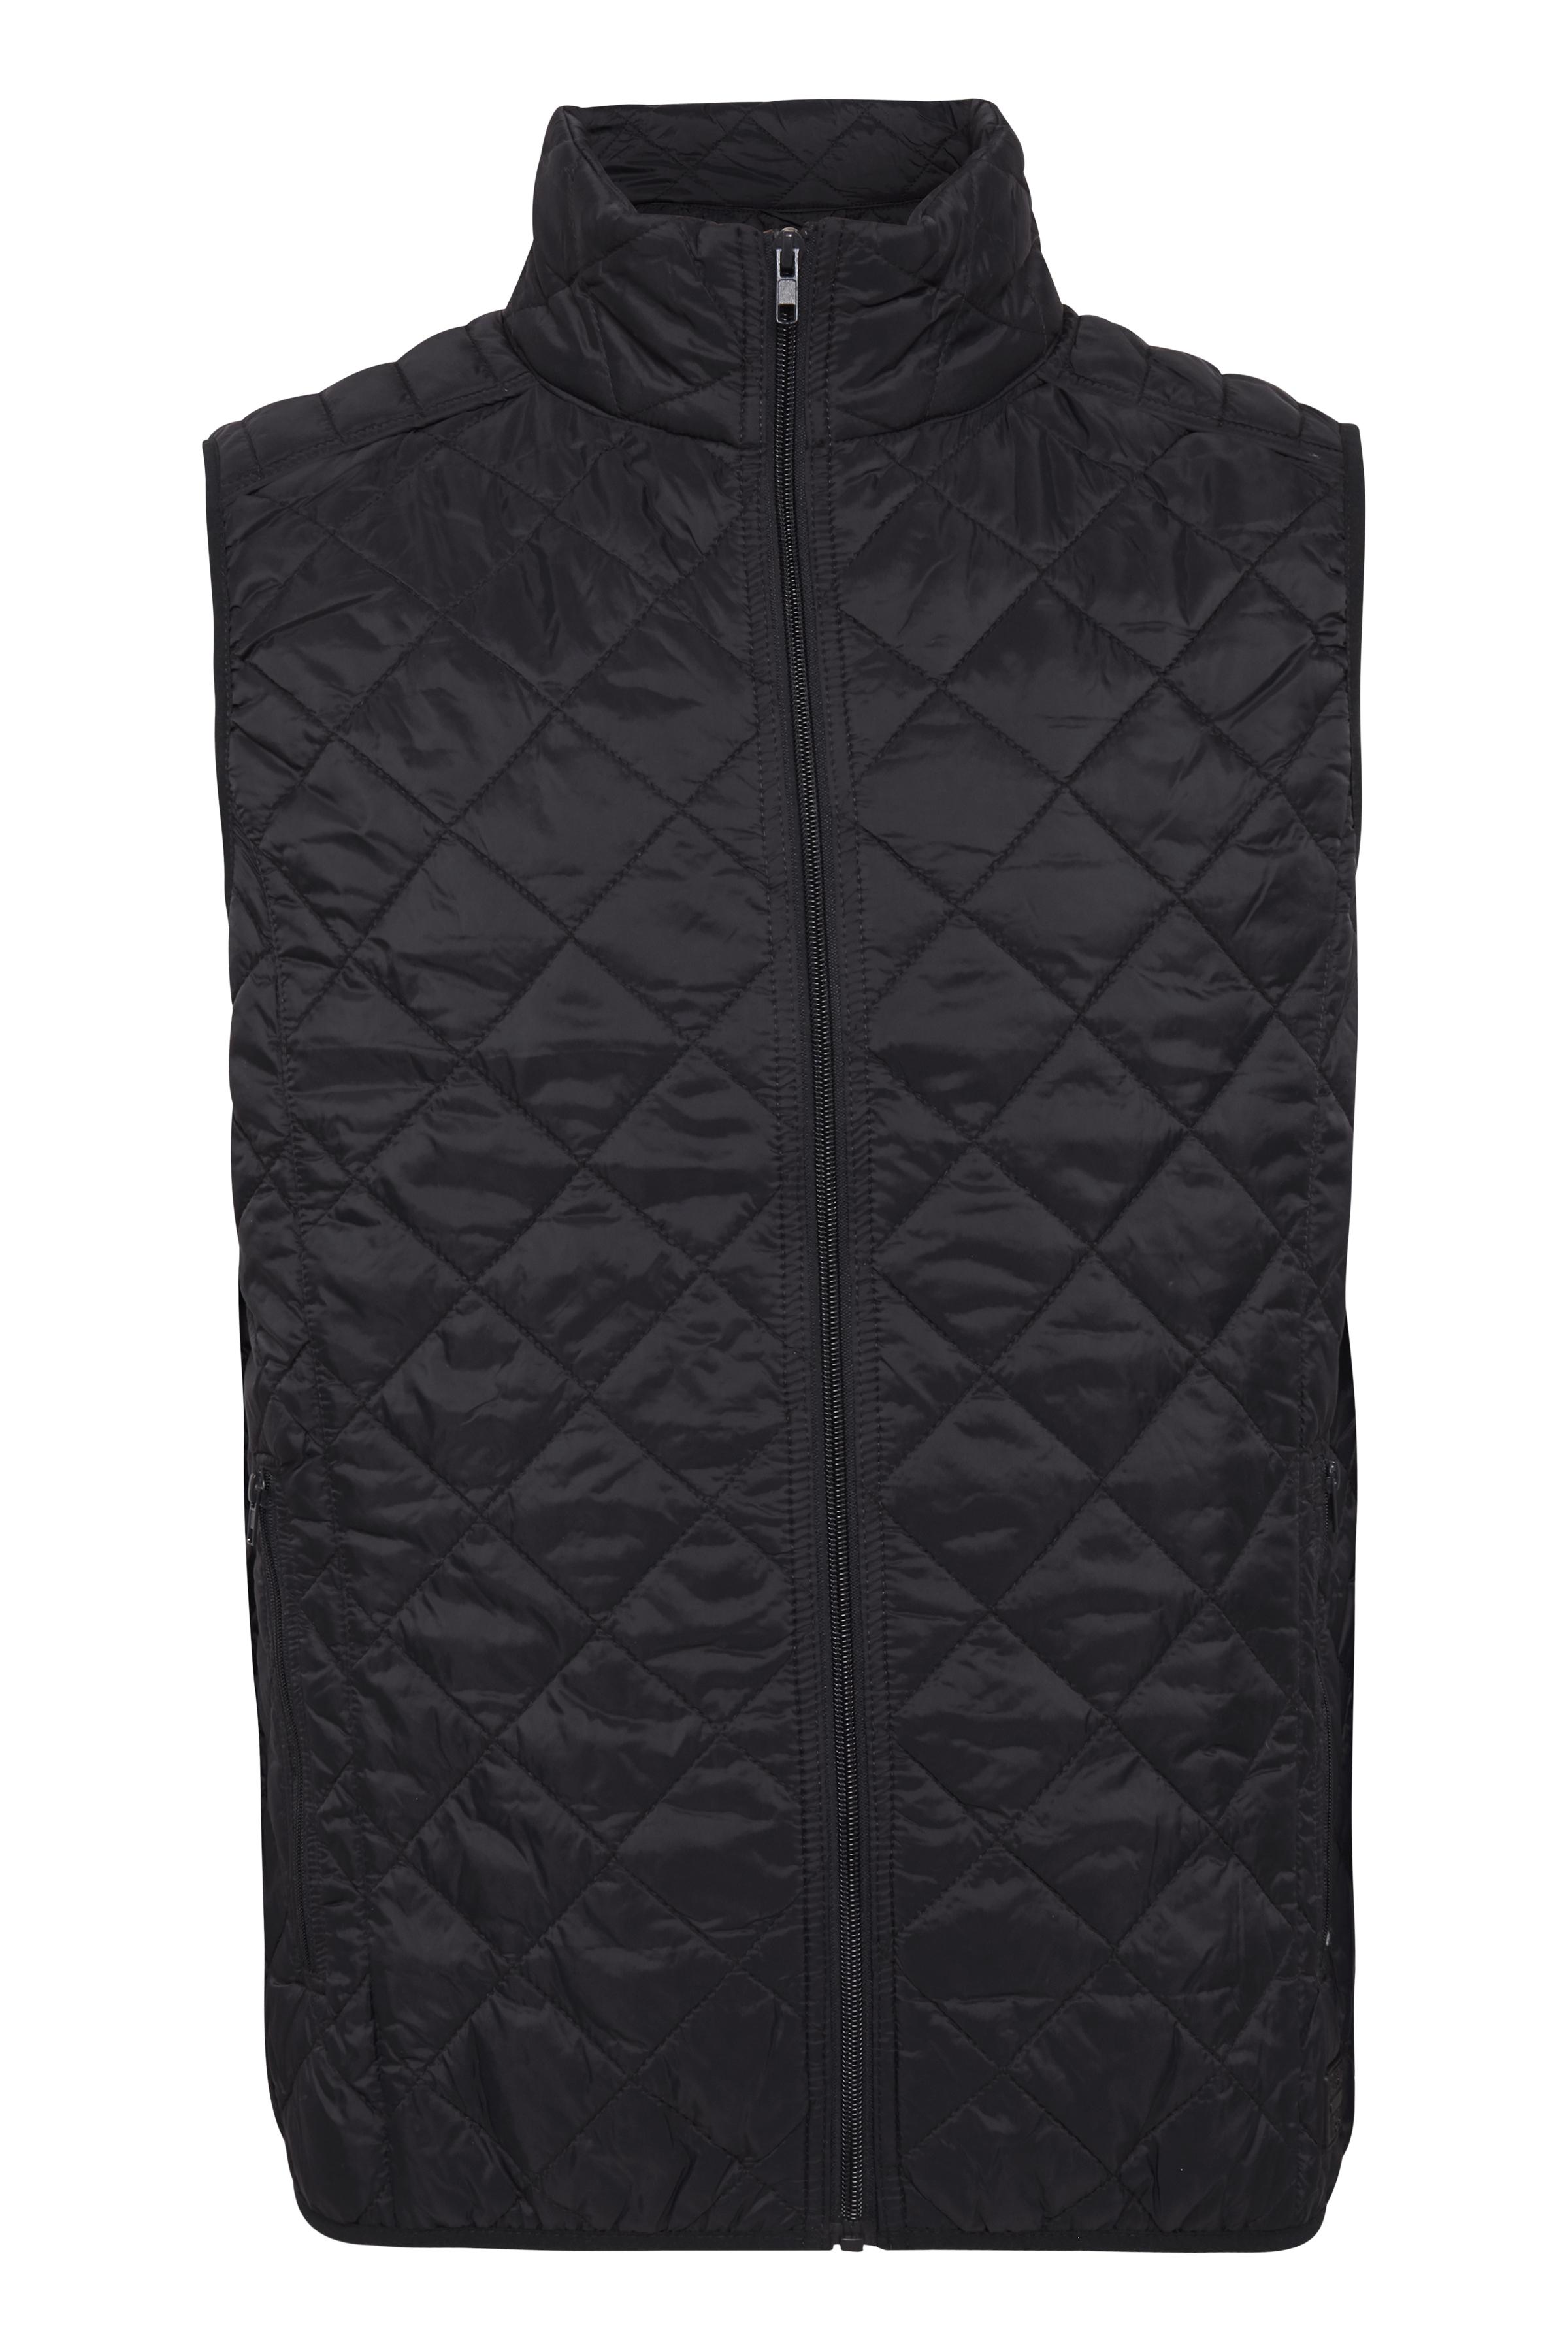 Black Overtøj – Køb Black Overtøj fra str. M-XXL her